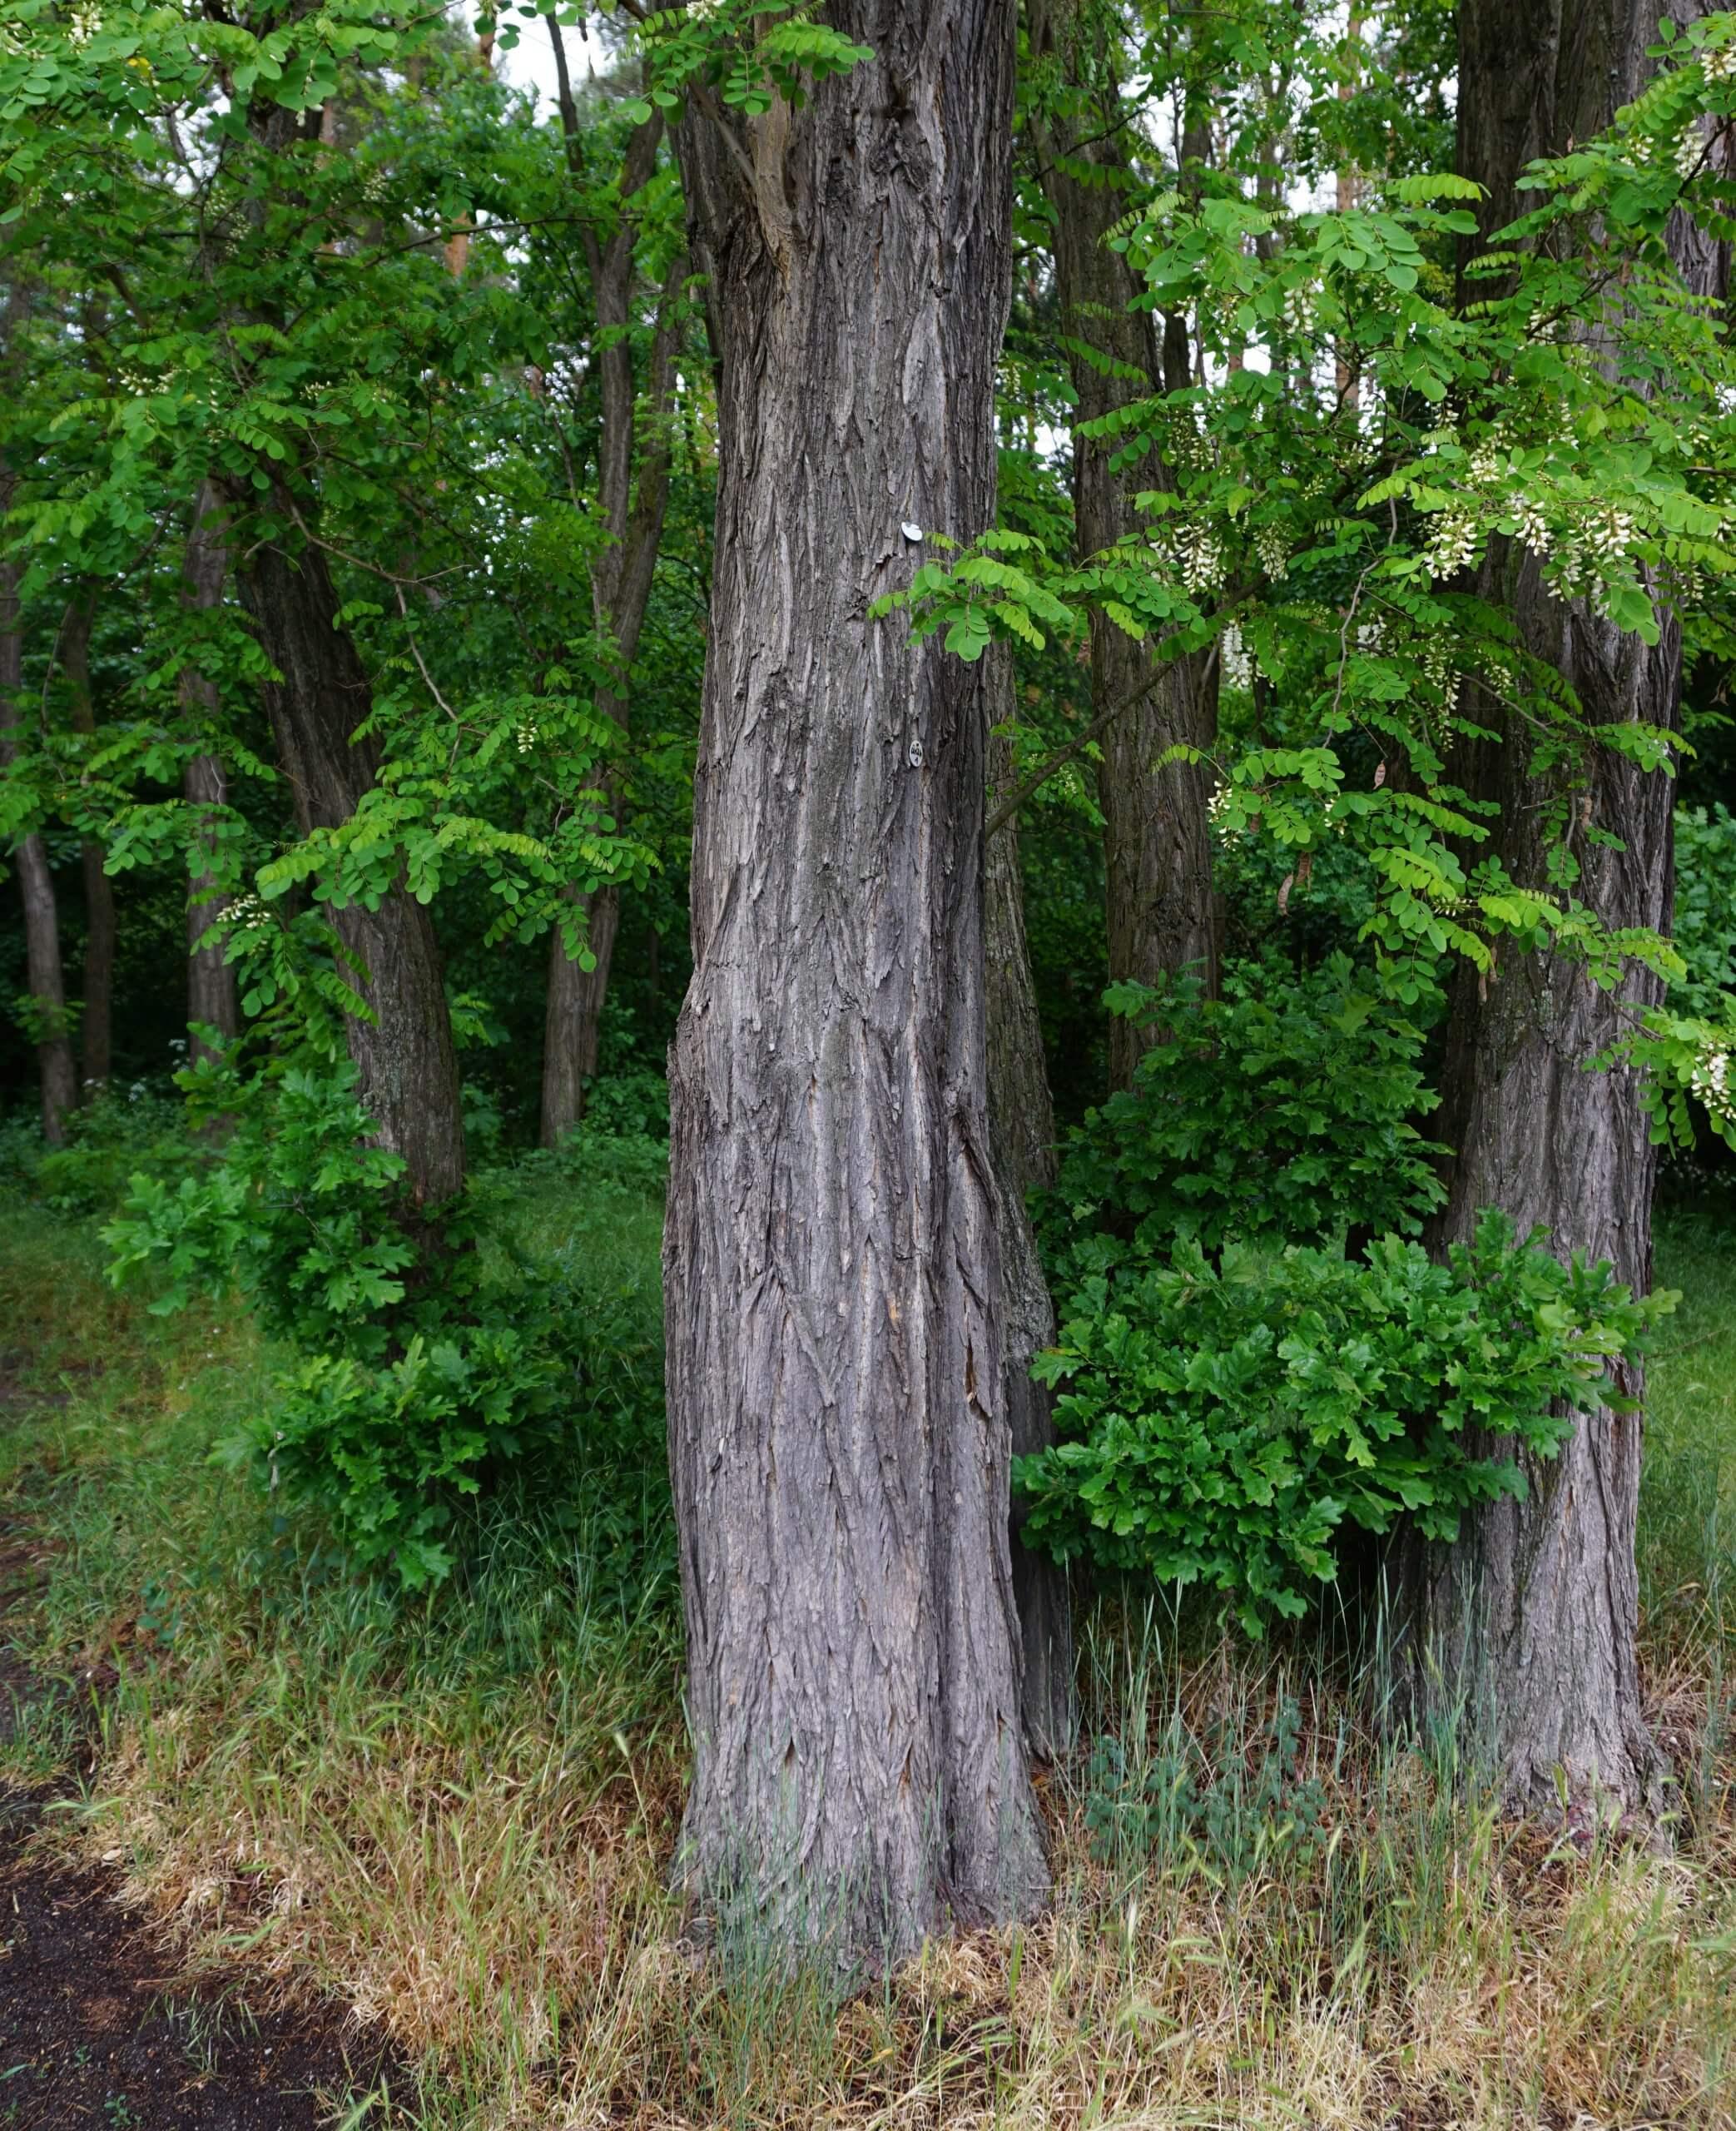 Das Bild zeigt graurindige, gefurchte Stämme an Robinien an der Straße Grüne Trift am Walde in Köpenick.